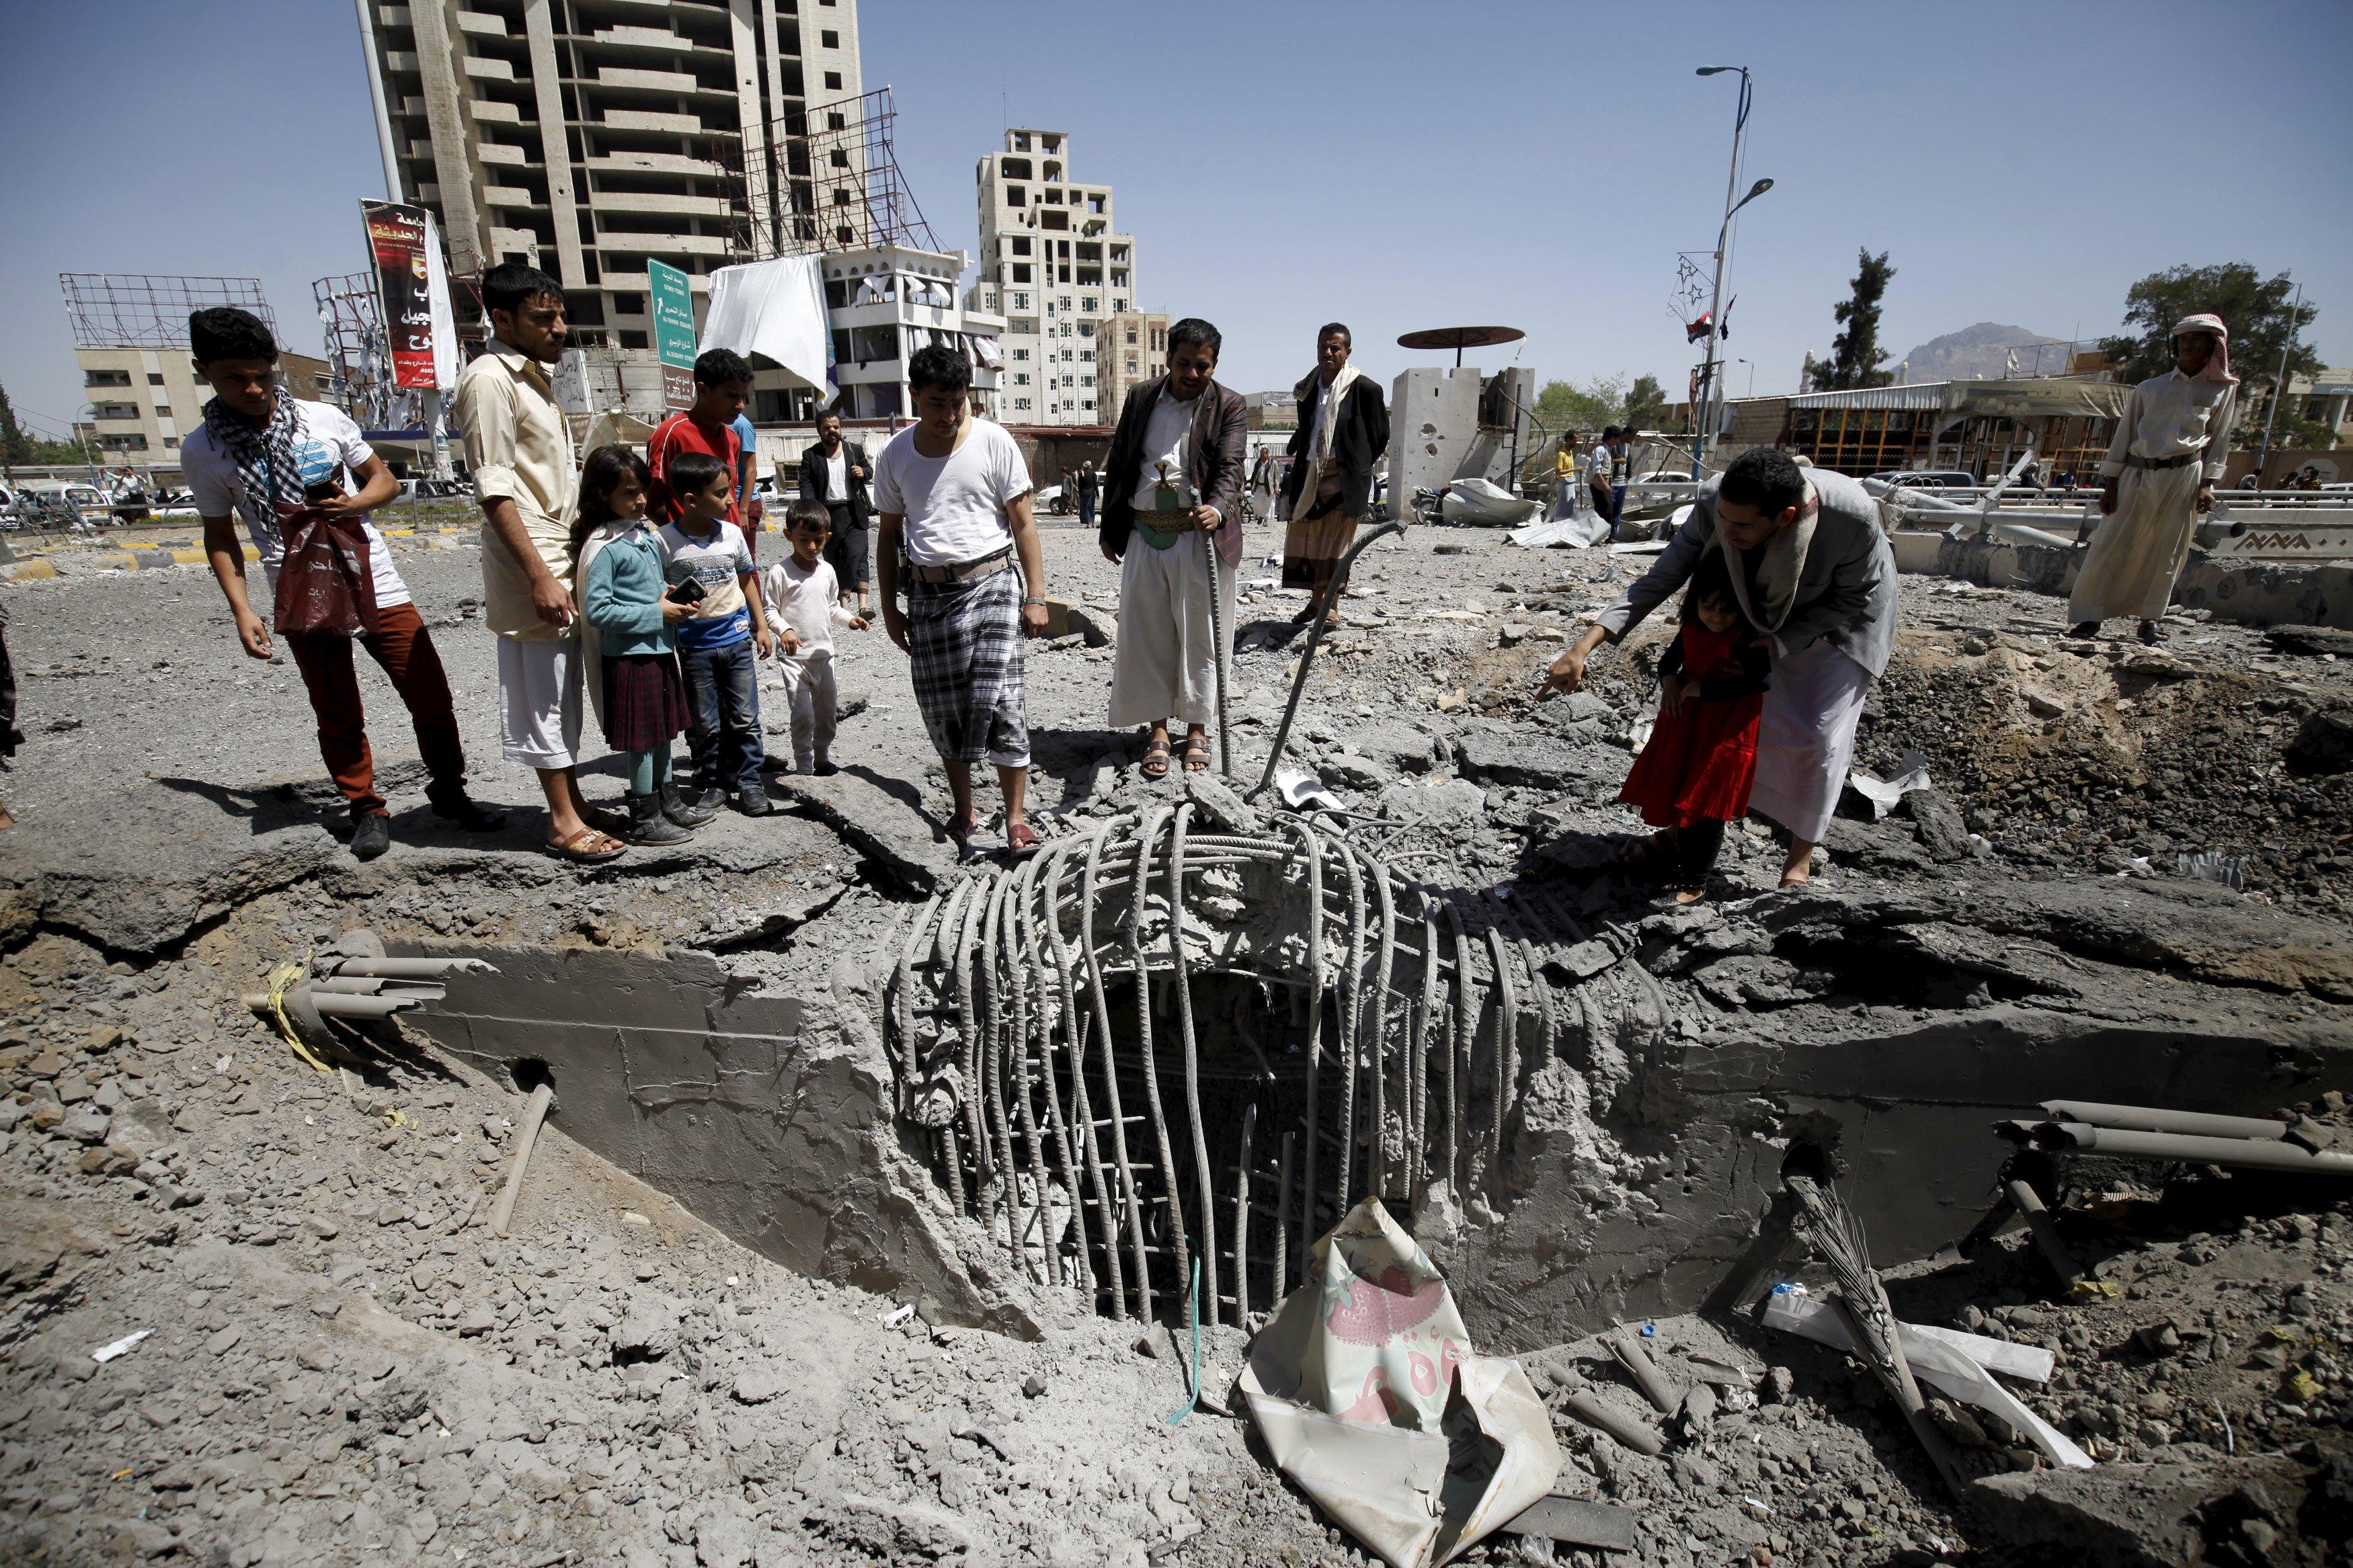 Warga berkumpul di lokasi serangan udara pimpinan Saudi yang menargetkan terowongan mengarah ke kediaman presiden dekat Pom Bensin di ibukota Sanaa, Yaman, Kamis (1/10). Lebih dari 4.500 warga Yaman tewas sejak negara sekutu Saudi memulai operasi militer bulan Maret lalu, yang menurut mereka upaya menghentikan kelompok Houthi dukungan-Iran dari memperluas wilayah mereka di Yaman dan mengembalikan pemerintahan kepada Presiden Abd-Rabbu Mansour Hadi, yang terpaksa mengasingkan diri ke Arab Saudi. ANTARA FOTO/REUTERS/Mohamed al-Sayaghi.